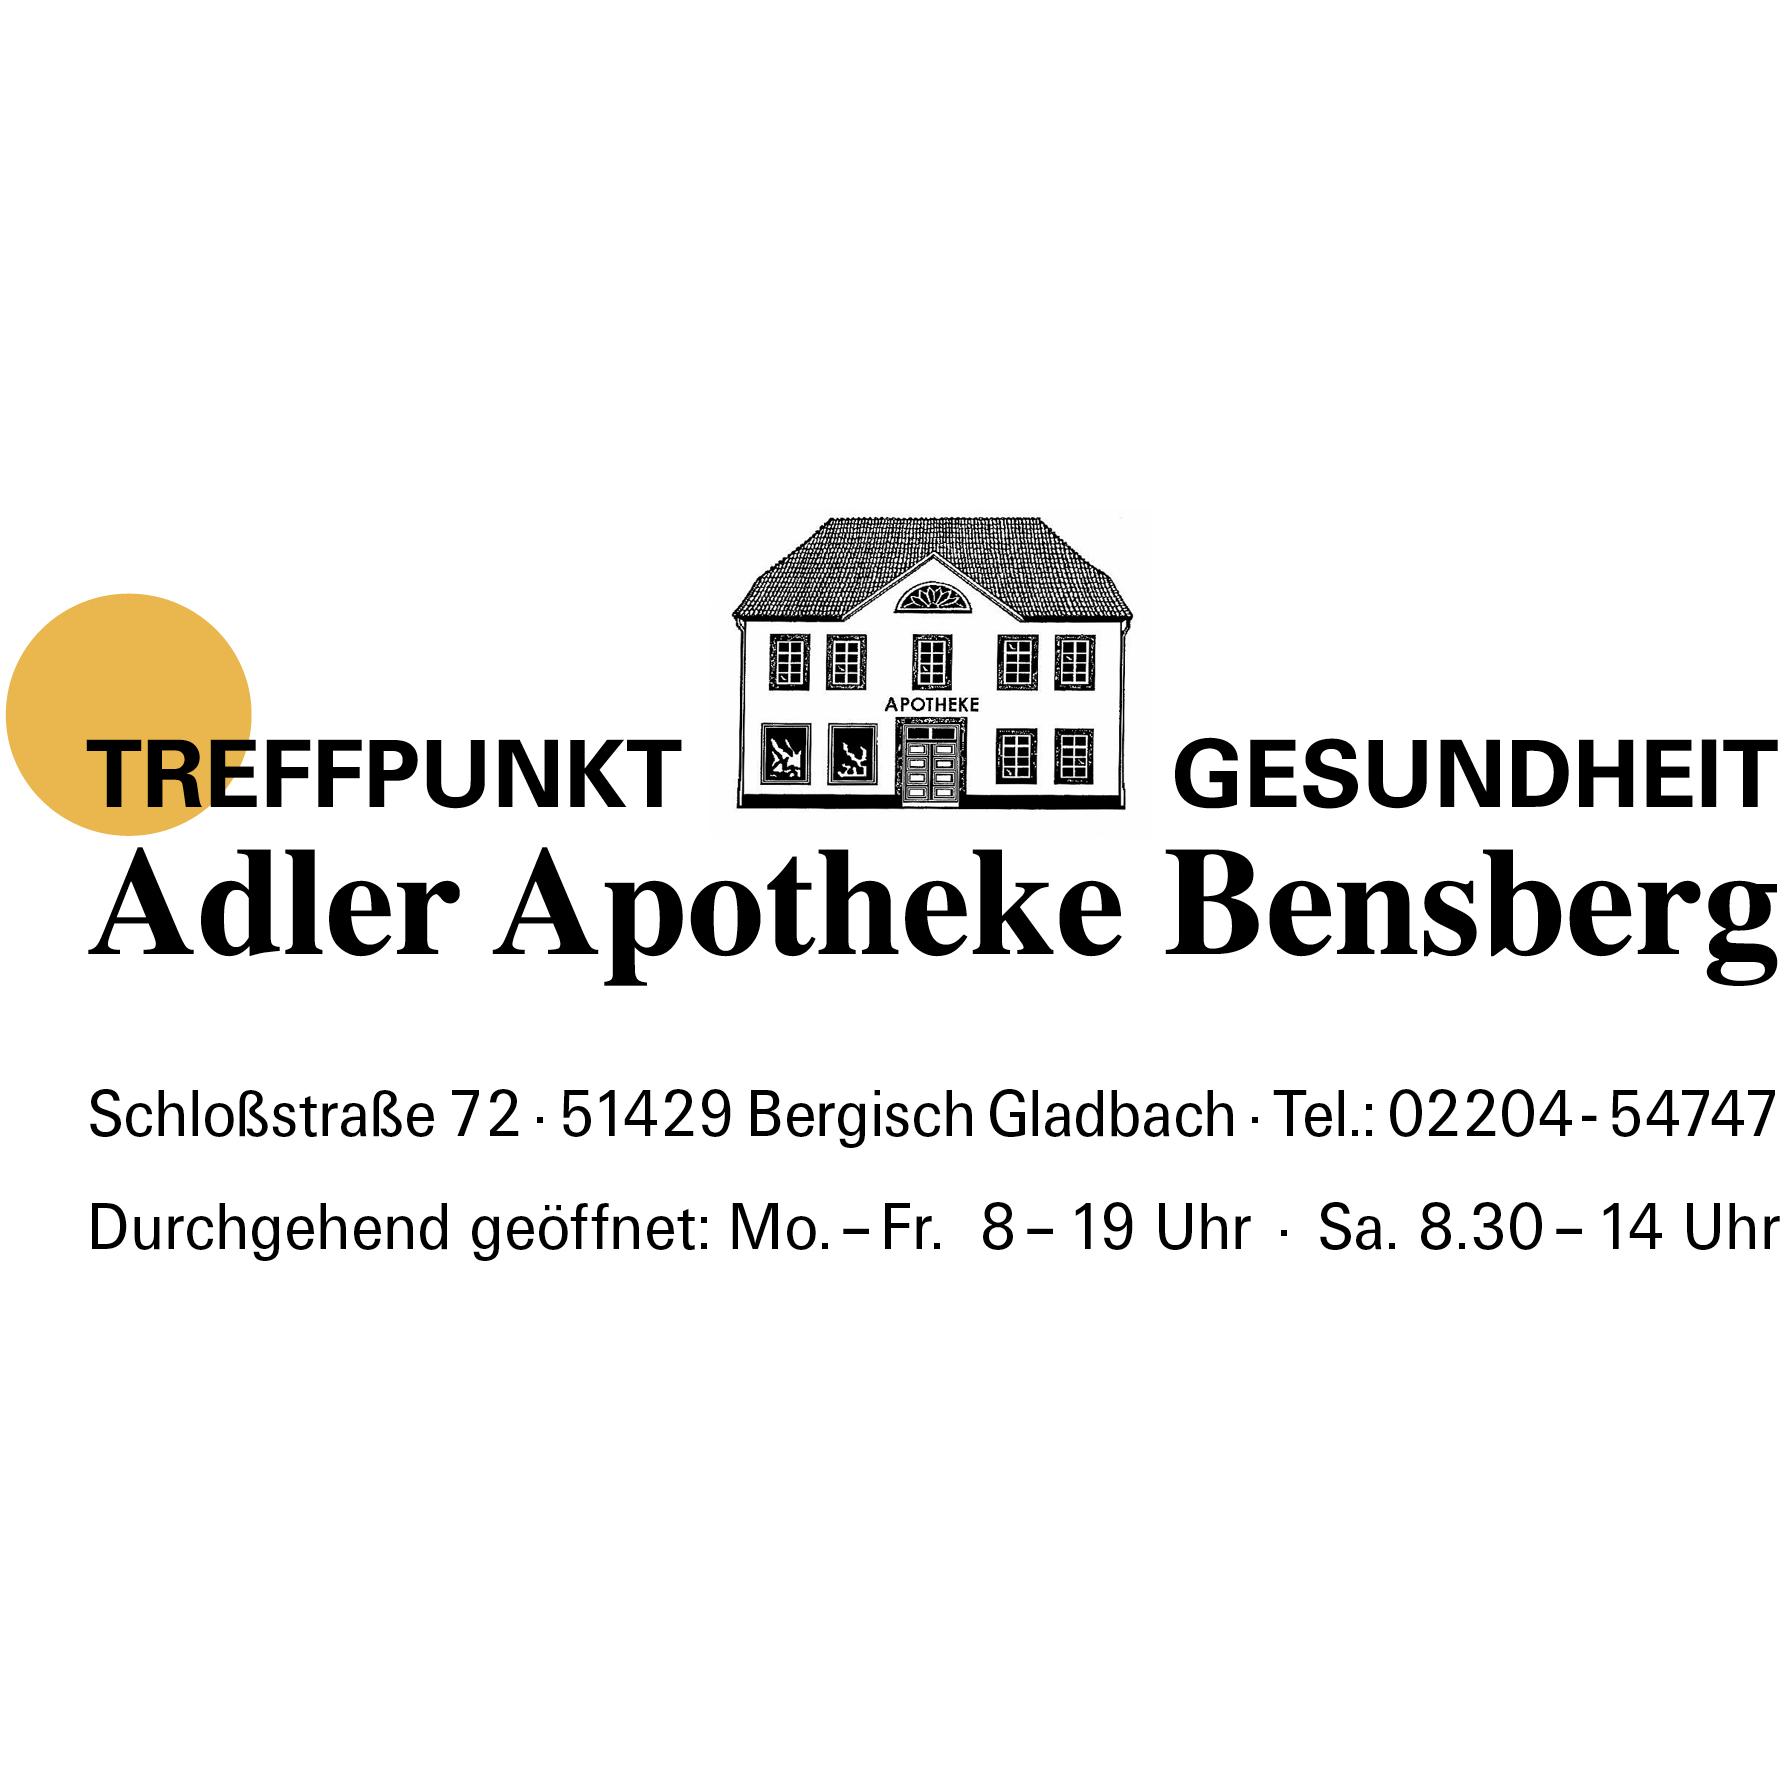 Bild zu Adler Apotheke Bensberg in Bergisch Gladbach